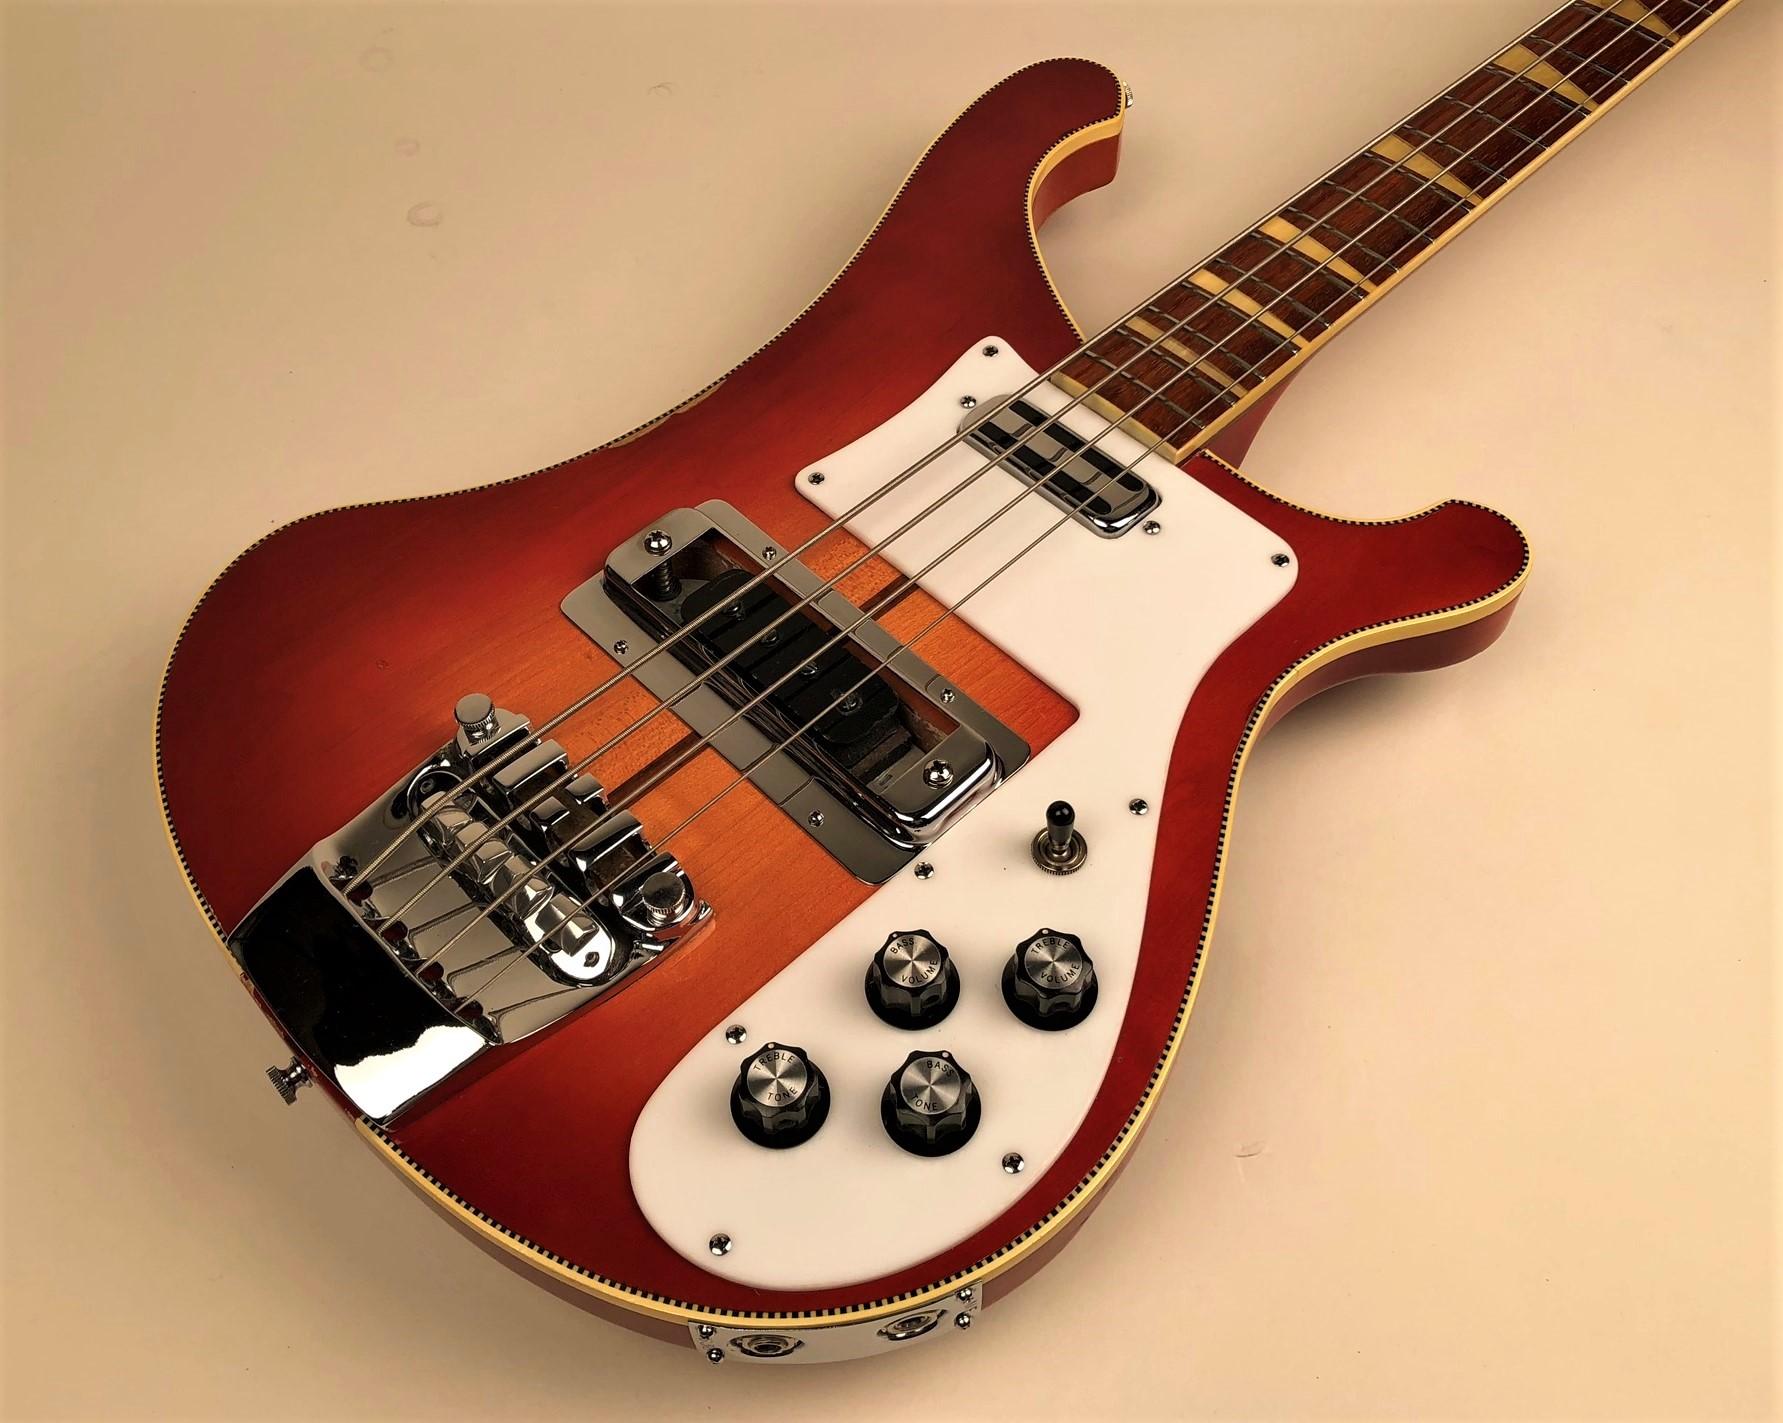 Rickenbacker 4001 1973 Fireglo Bass For Sale Guitars West